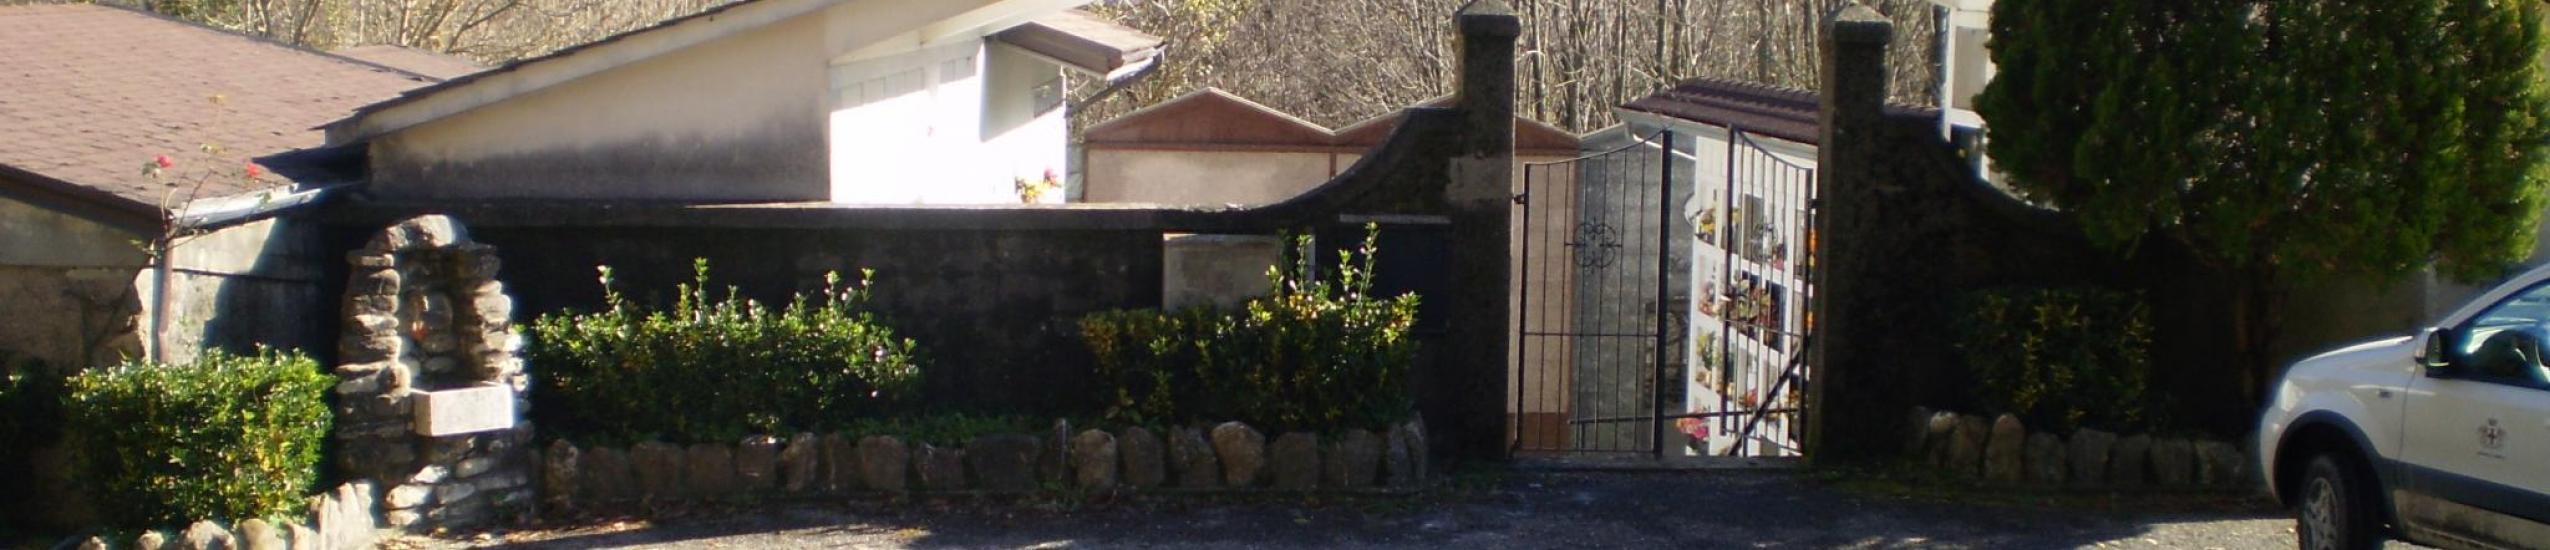 ingresso al cimitero di loco